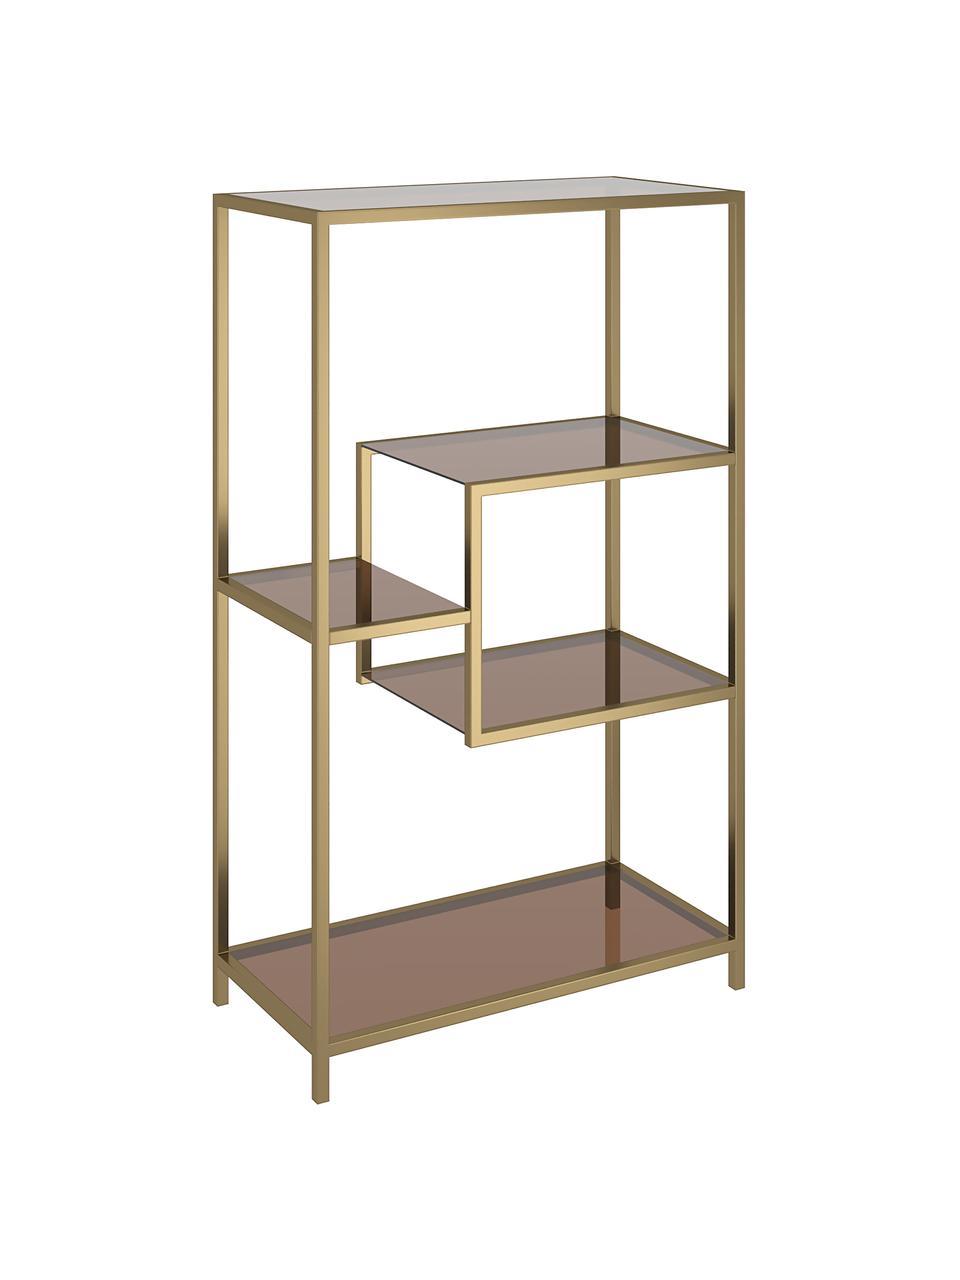 Libreria in metallo ottonato Loft, Struttura: metallo verniciato a polv, Ripiani: vetro temperato colorato, Ottonato, Larg. 60 x Alt. 100 cm